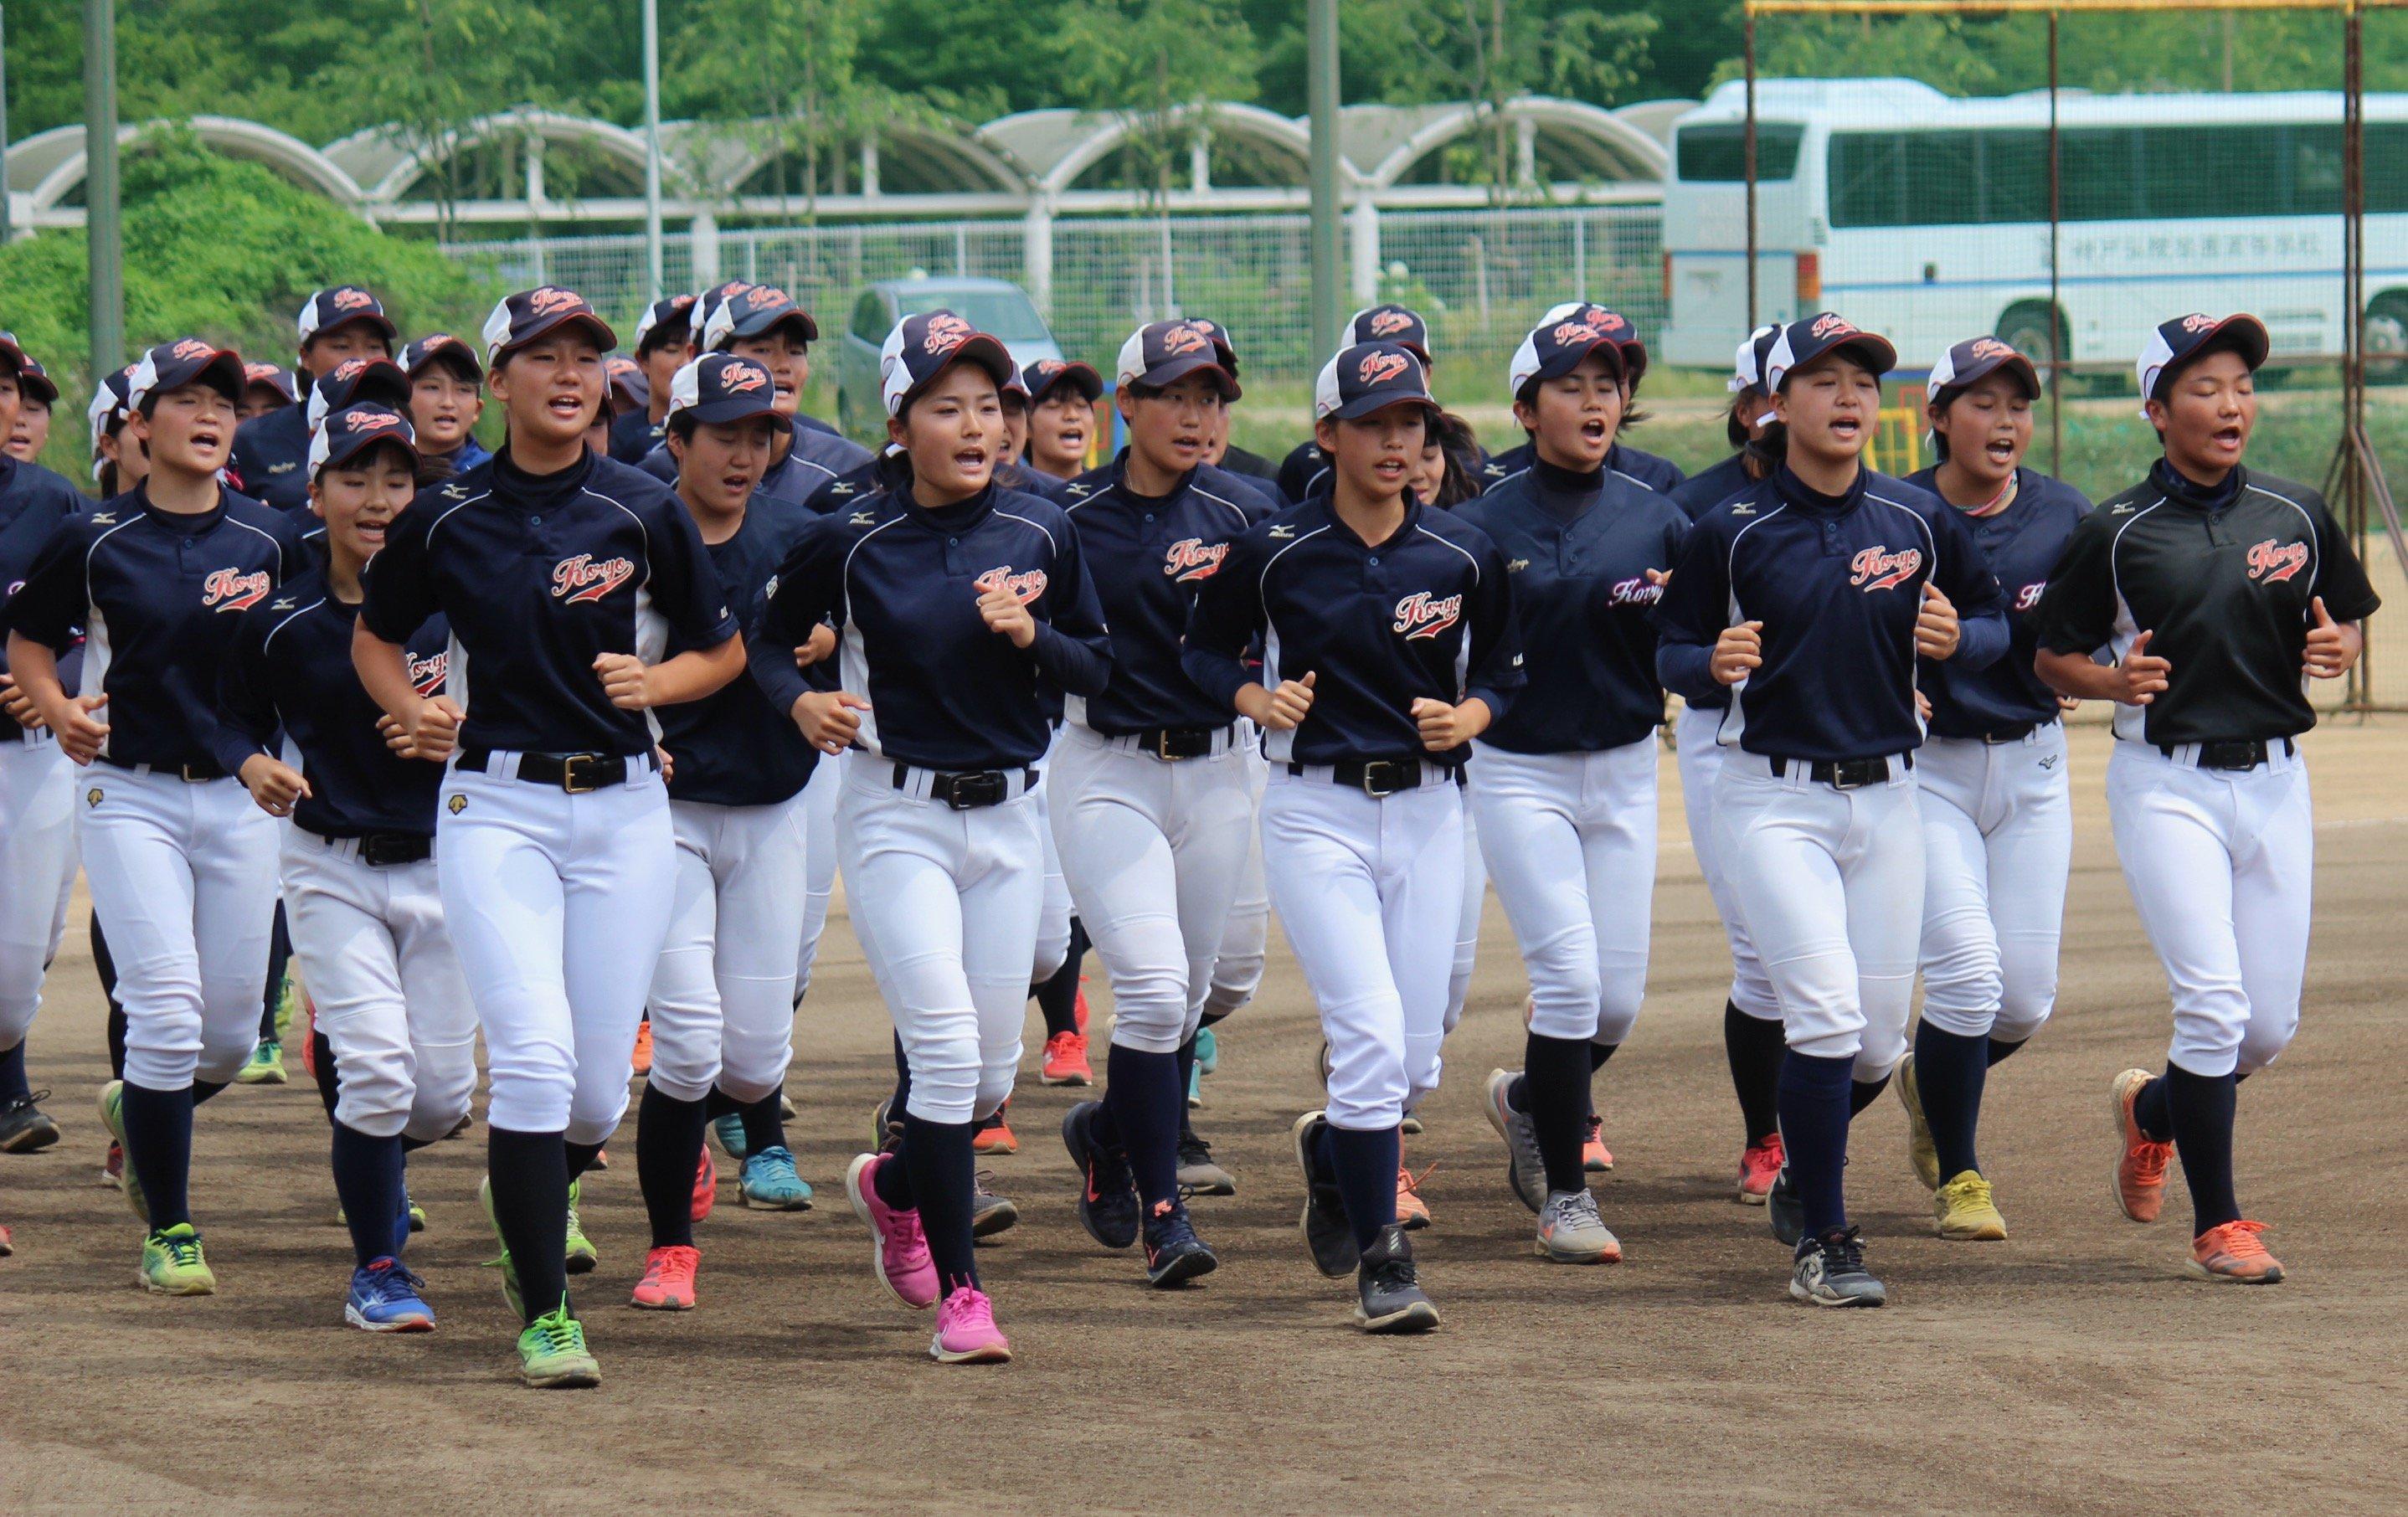 決勝進出へ向けて汗を流す神戸弘凌 ©︎Yu Takagi